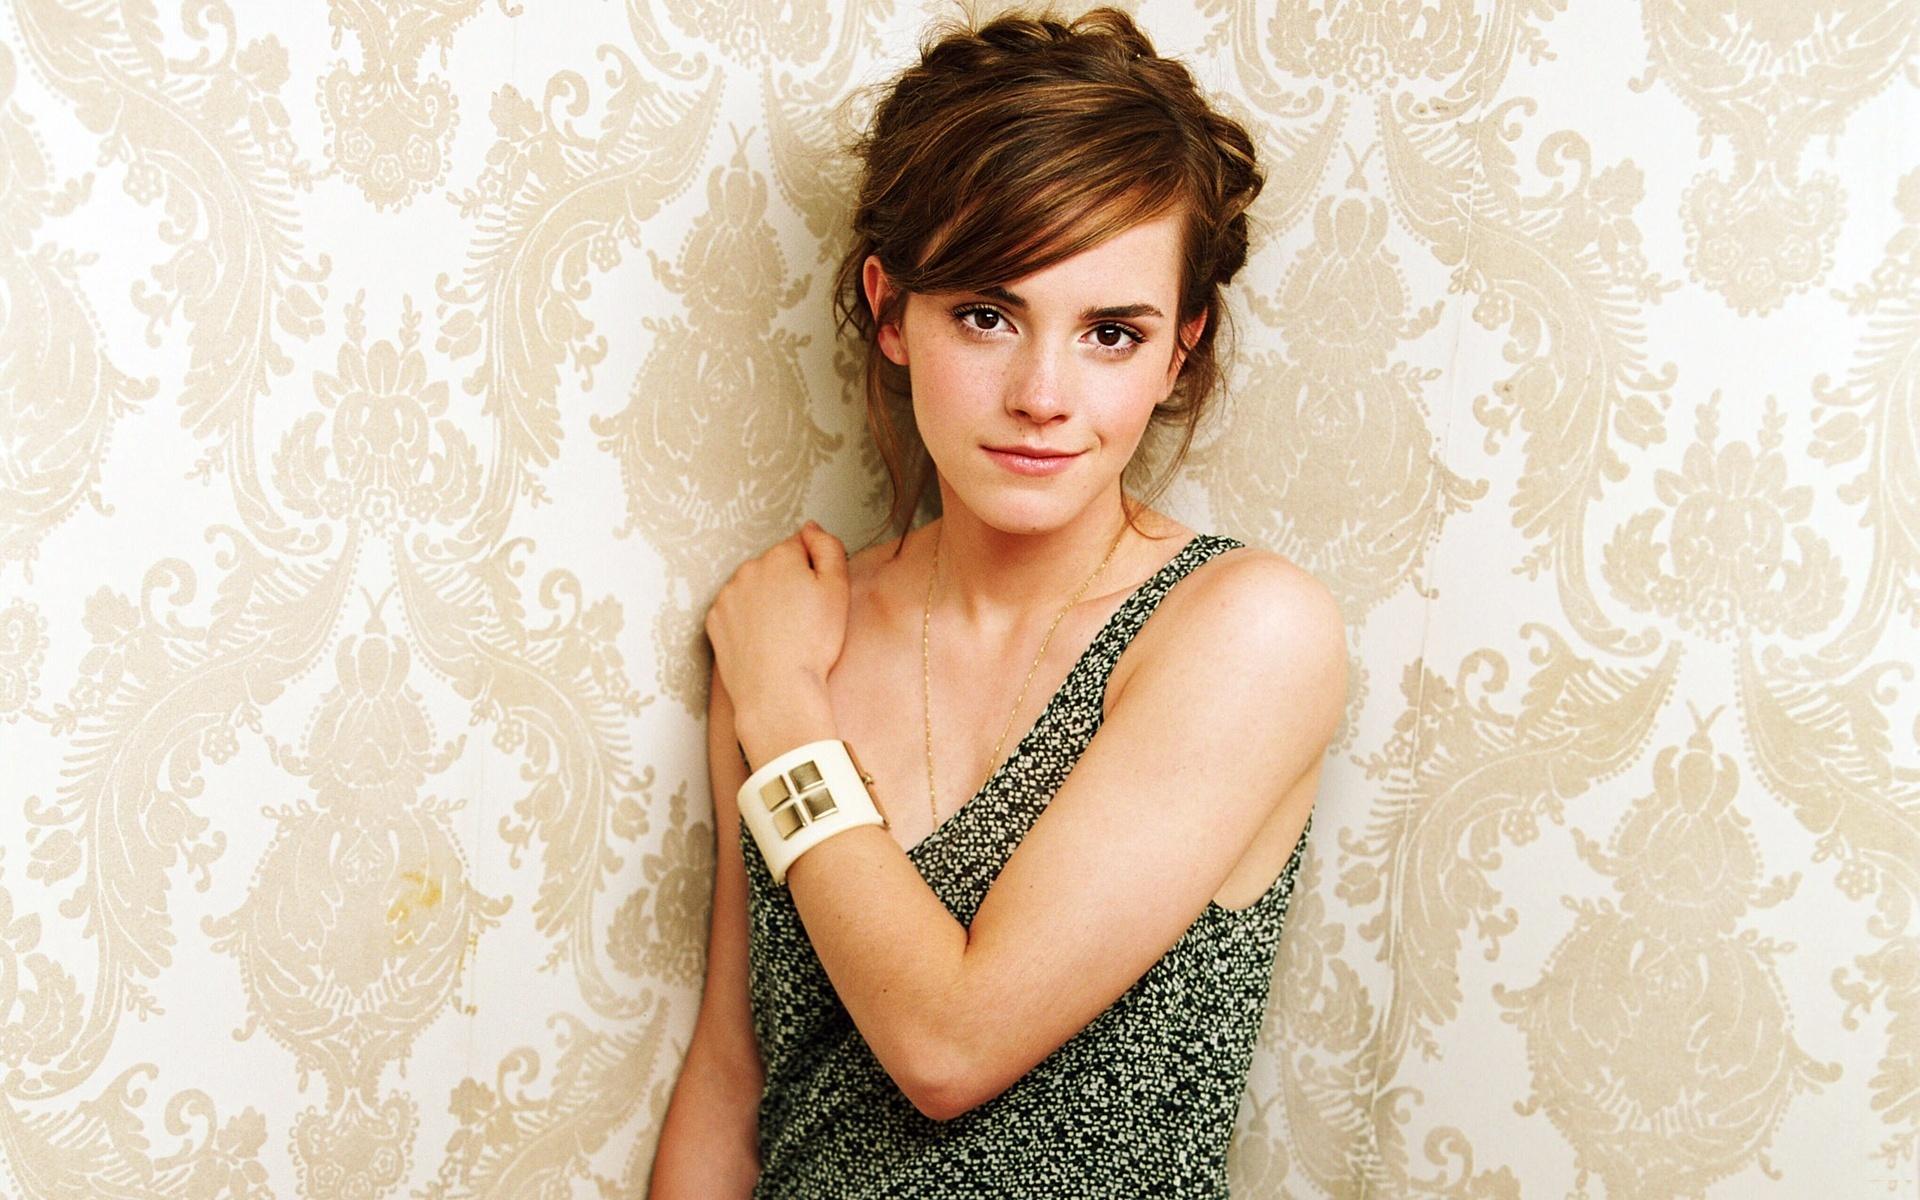 Hd wallpaper emma watson - Emma Watson Hd Wallpapers Cool Desktop Background